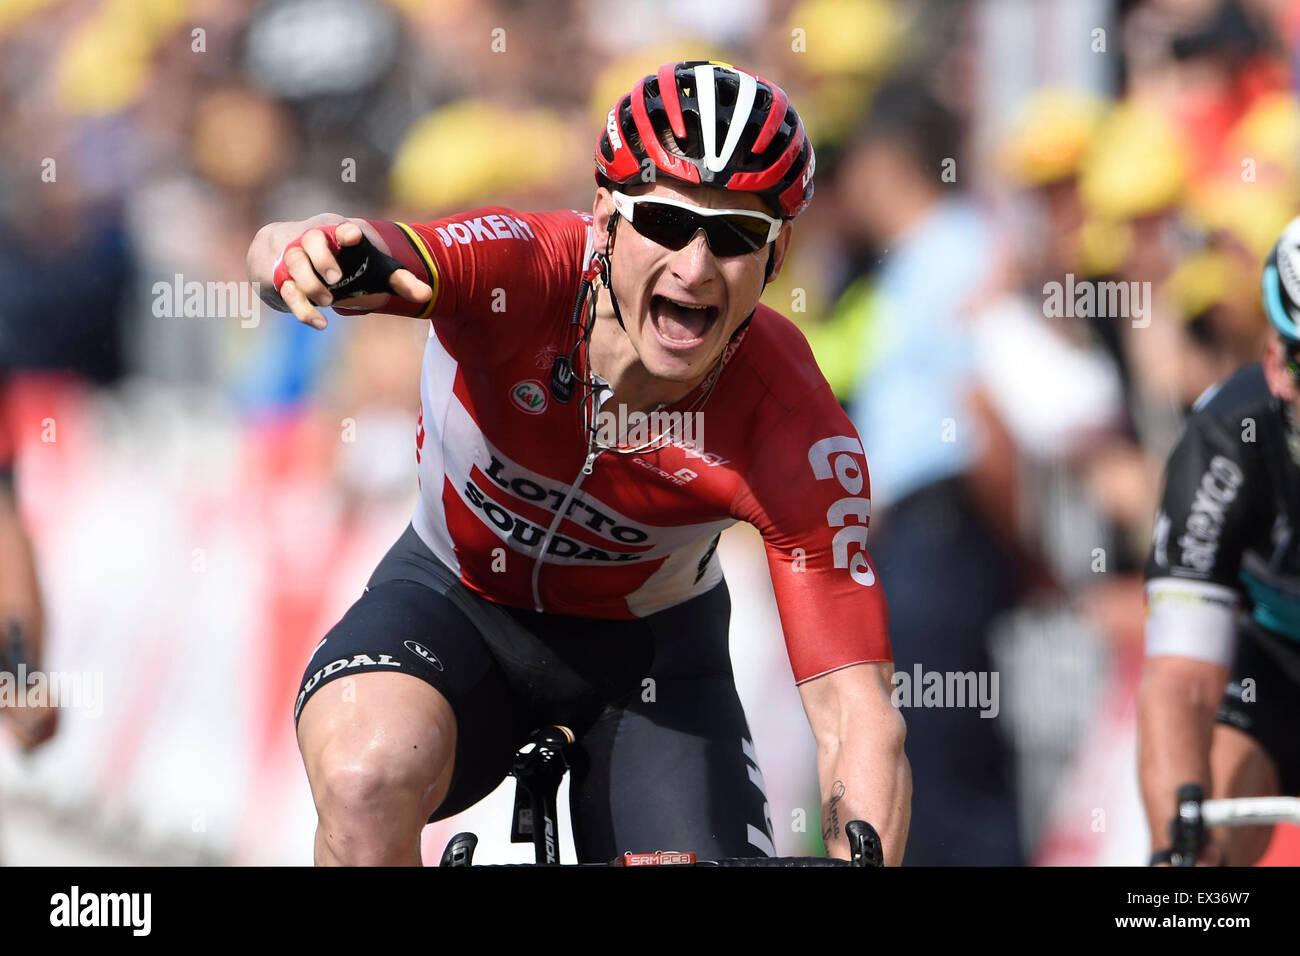 Utrecht, Pays-Bas. 05 juillet, 2015. Andre GREIPEL de Lotto Soudal célèbre la victoire lors de l'étape Photo Stock